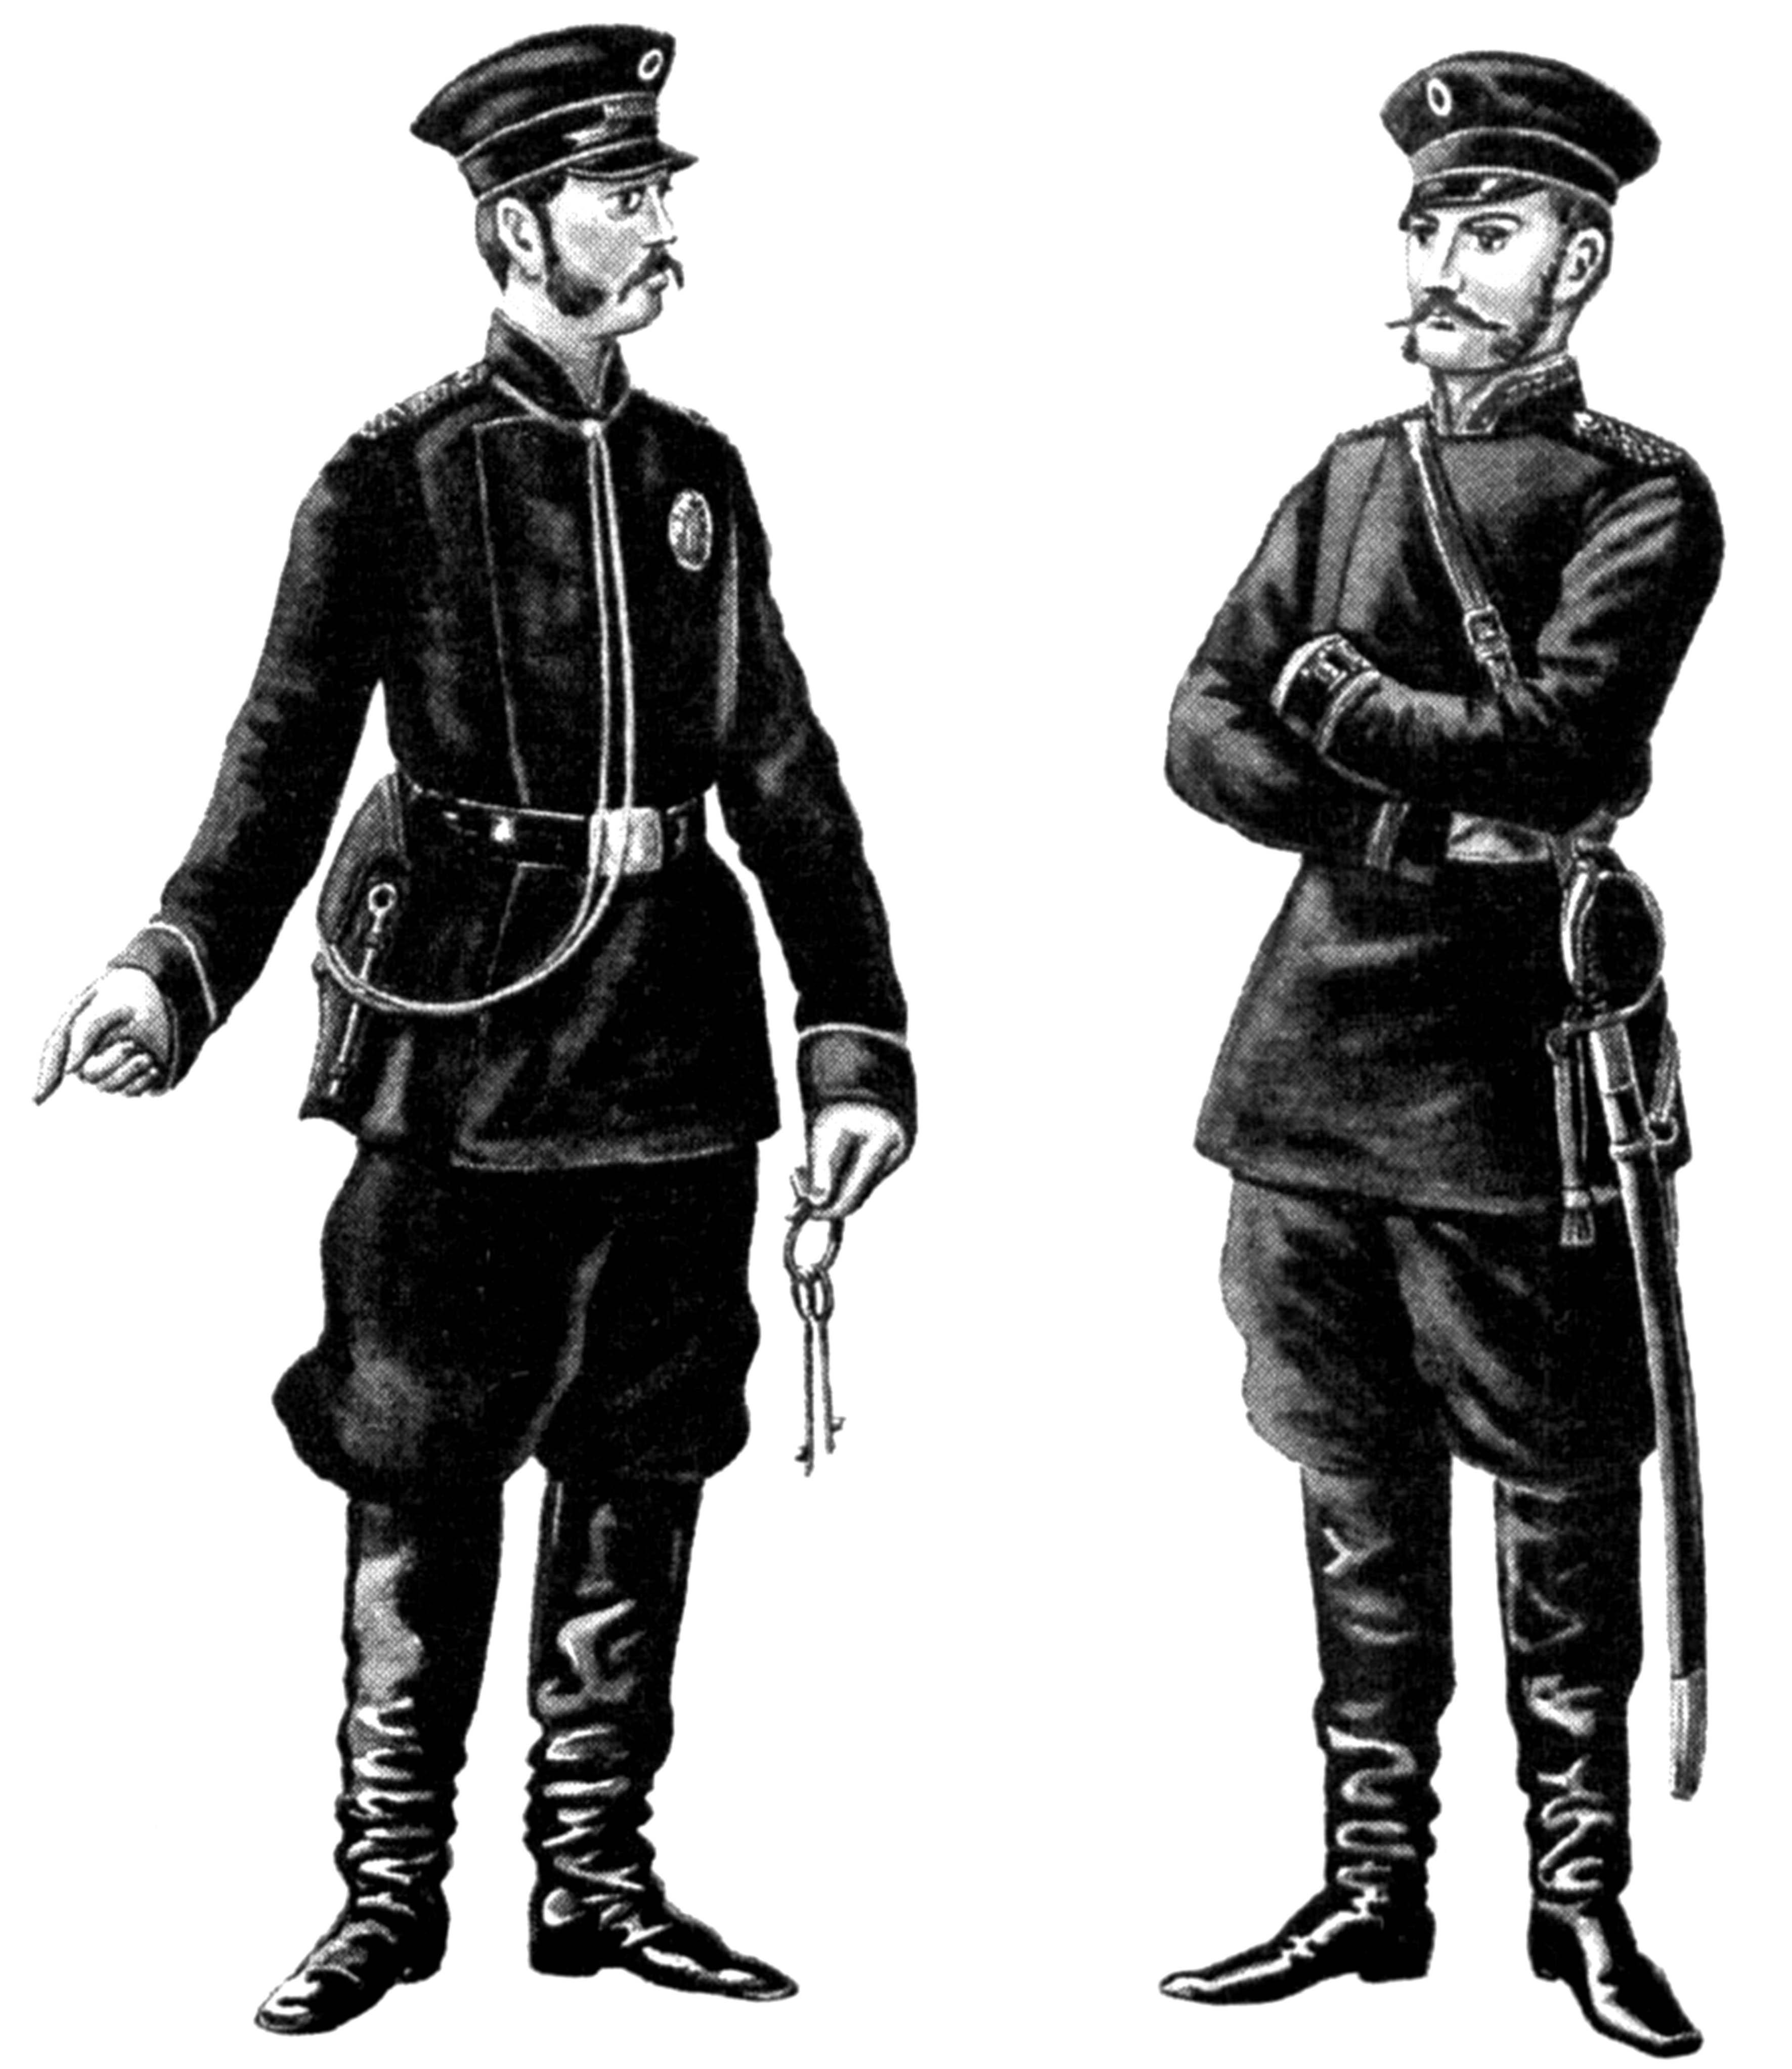 чиновники царской охранки форма одежды картинки стремилась посвящать как